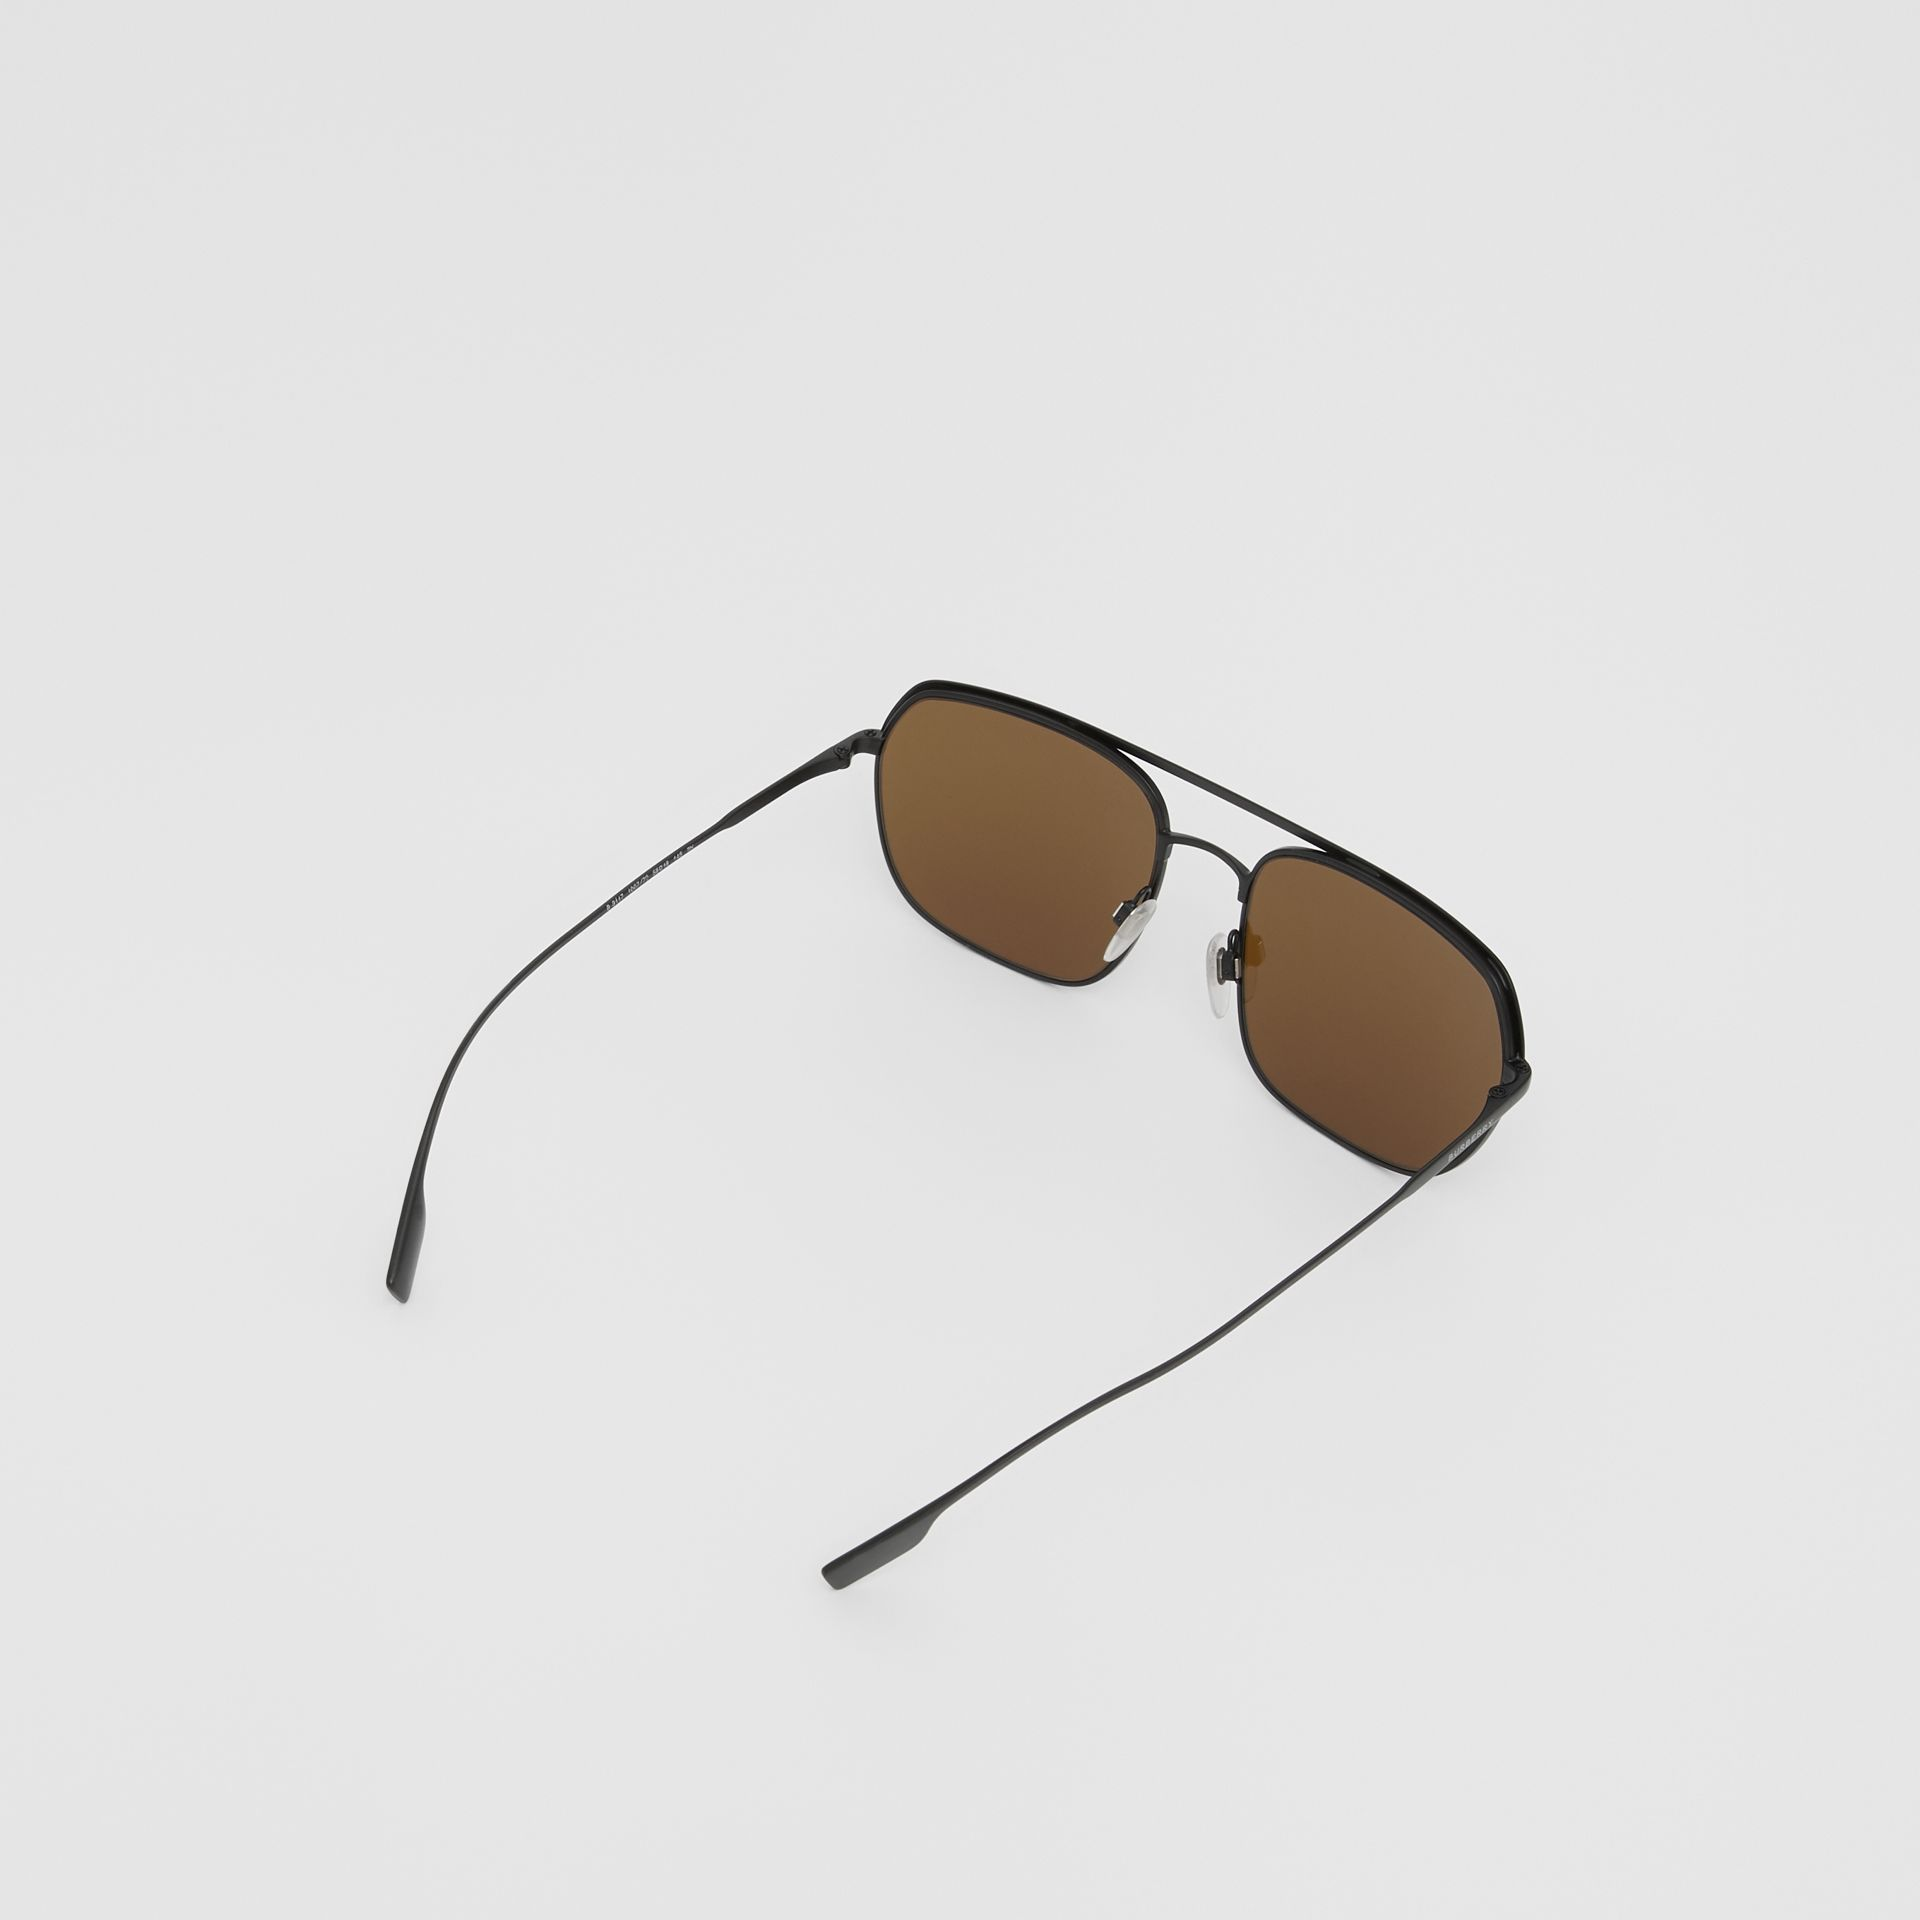 Óculos de sol com armação aviador quadrada - Homens | Burberry - galeria de imagens 4